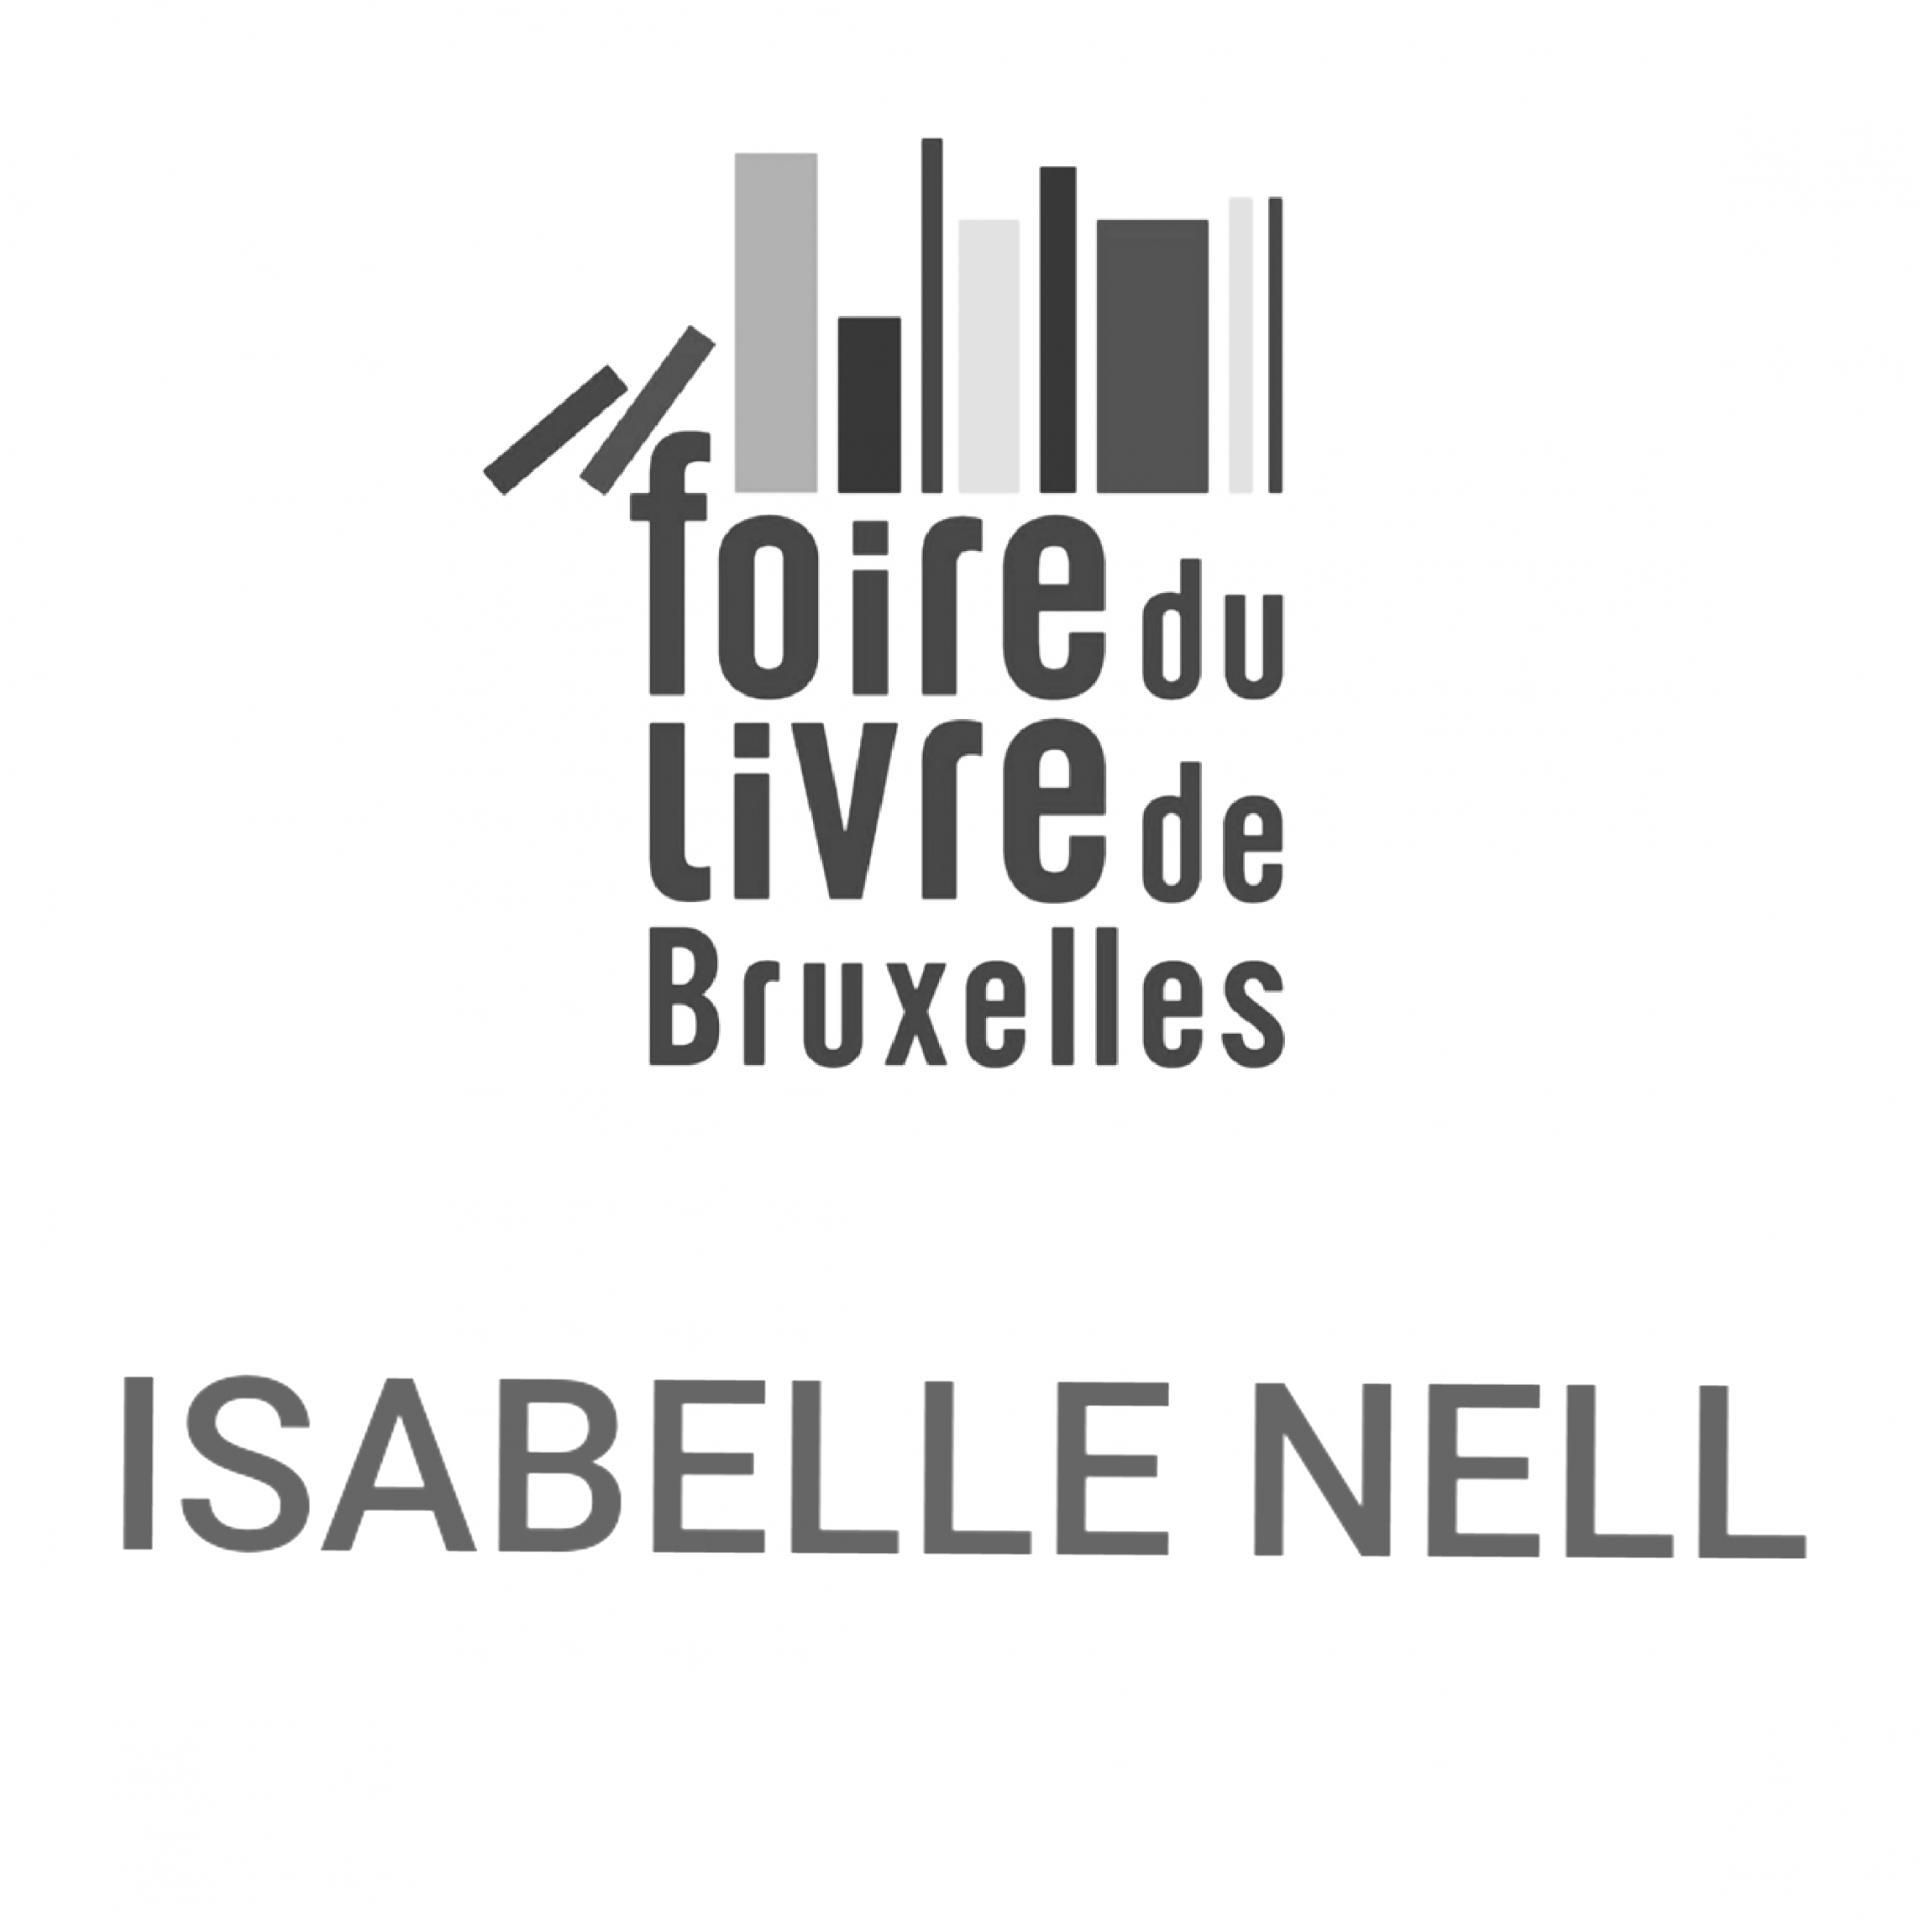 #isabellenellsalondulivre de Bruxelles #isabellenellécrivain